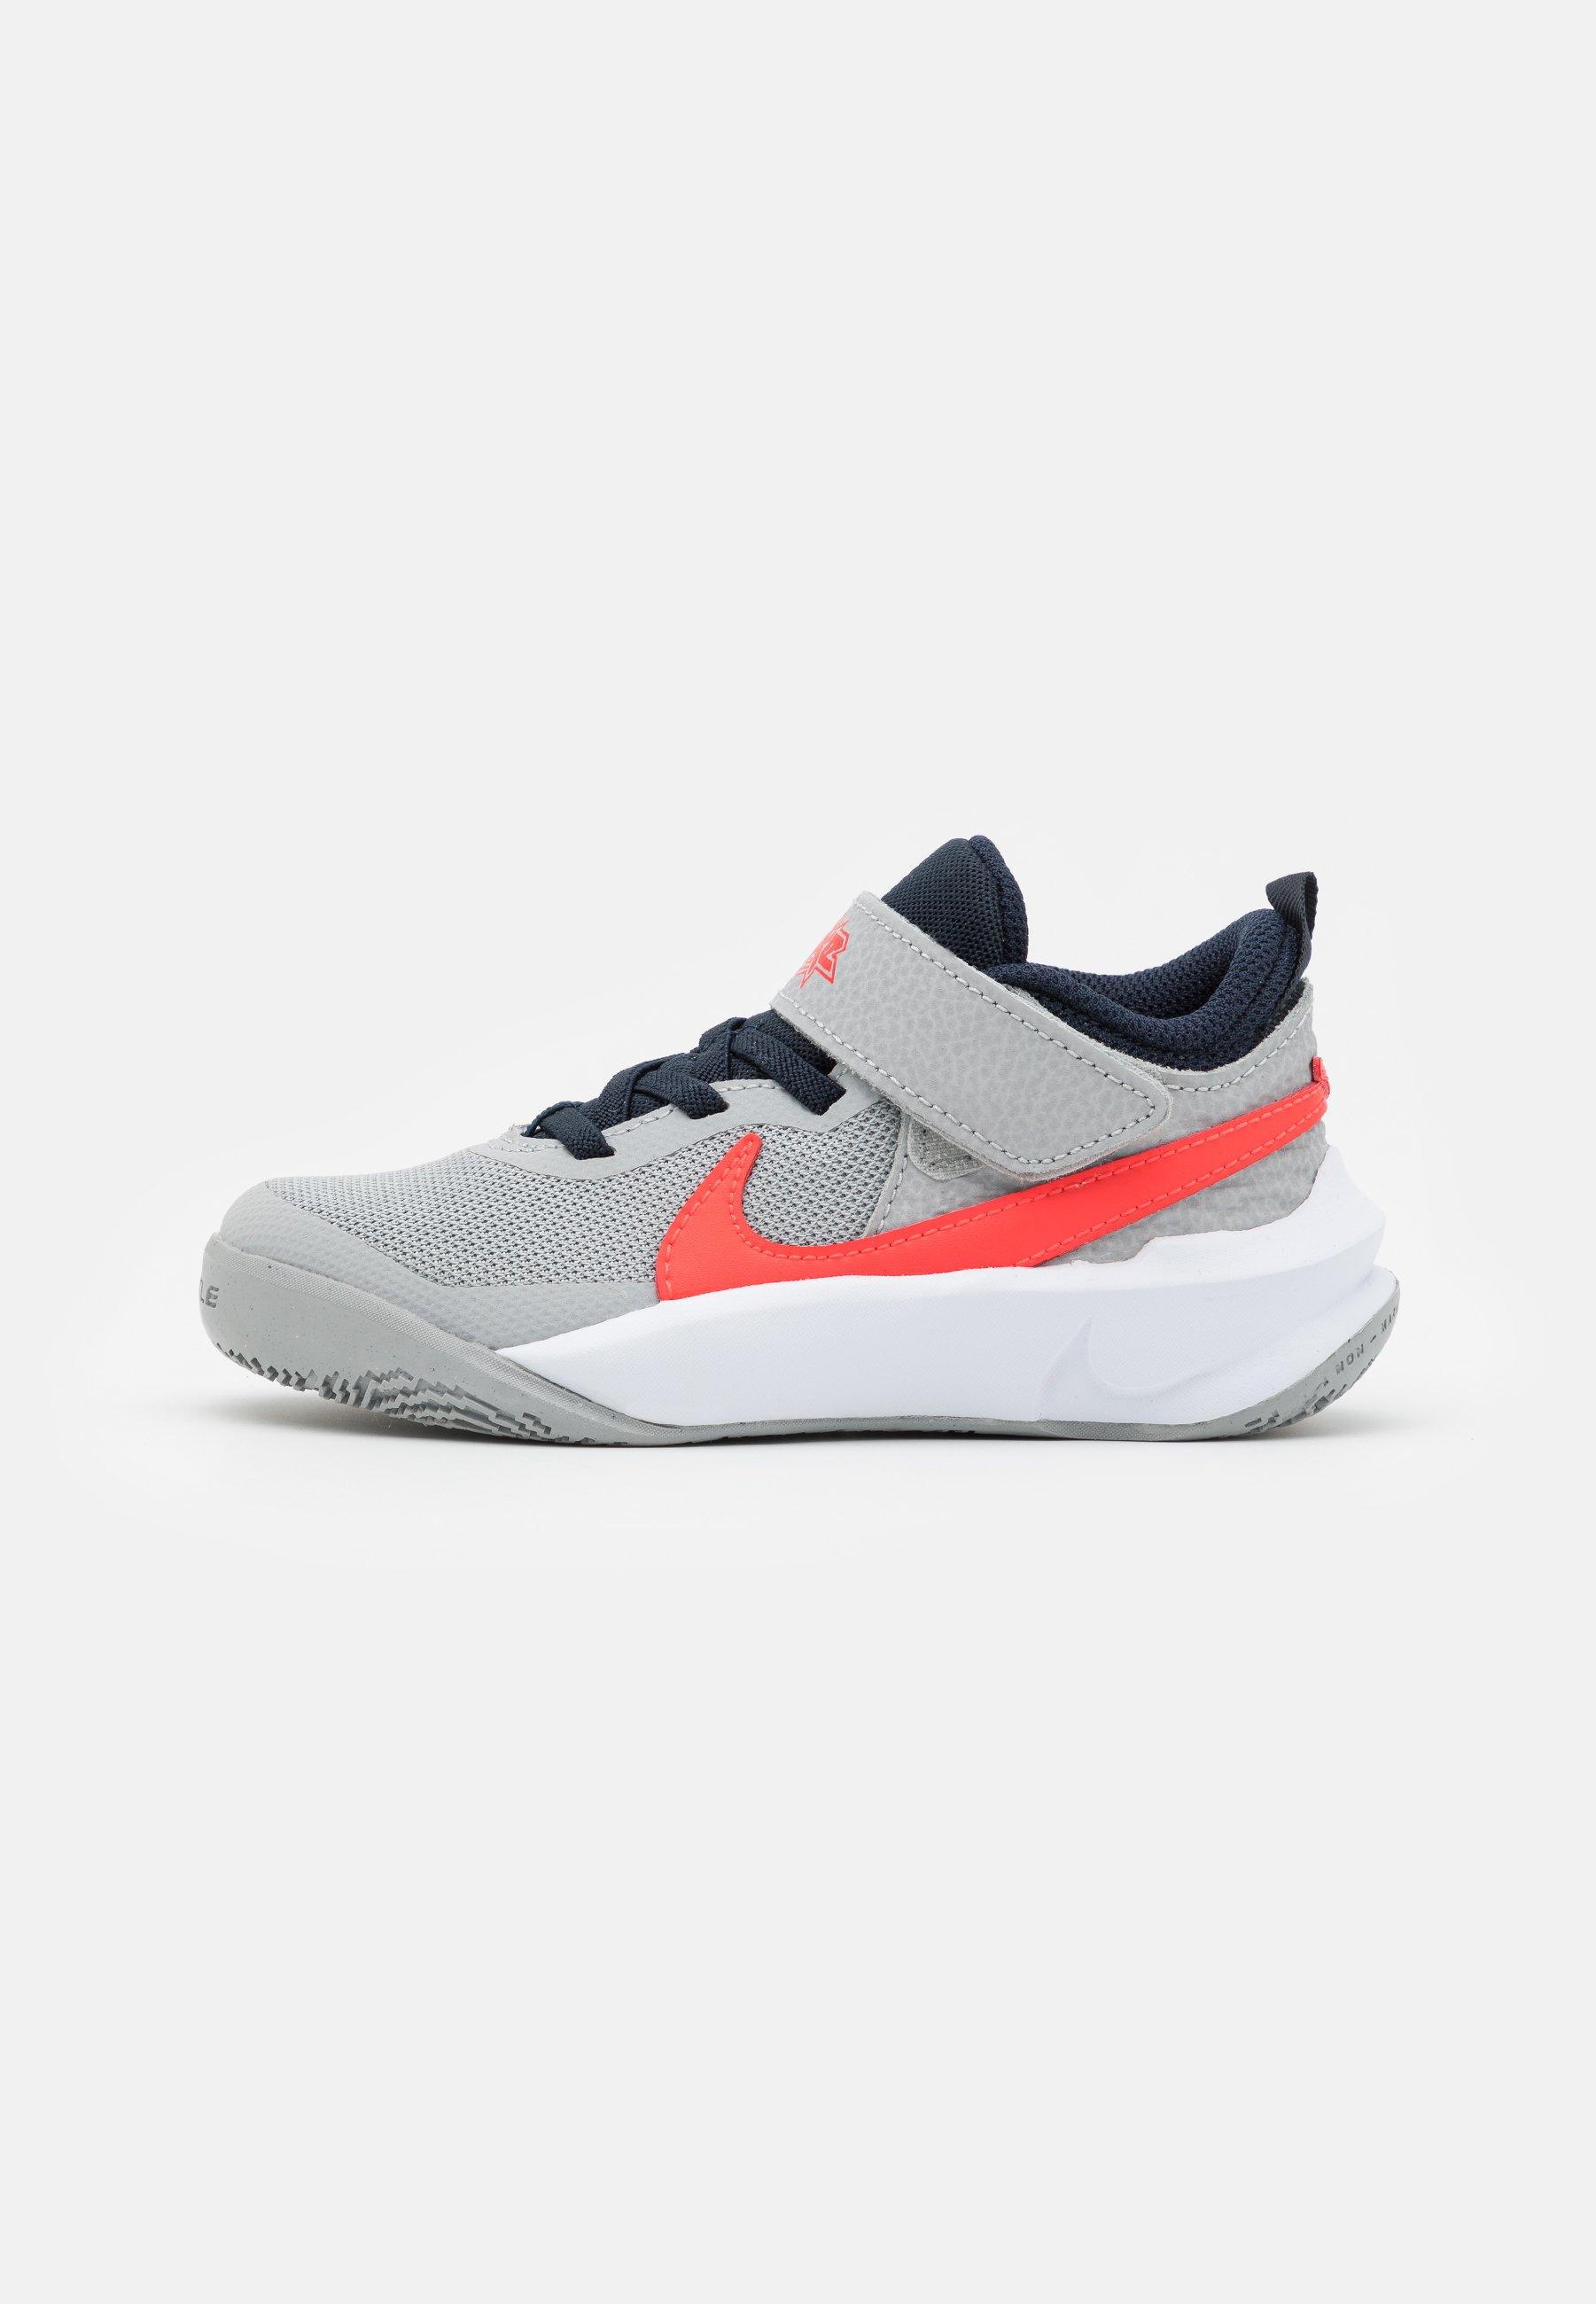 Enfant TEAM HUSTLE D 10 UNISEX - Chaussures de basket